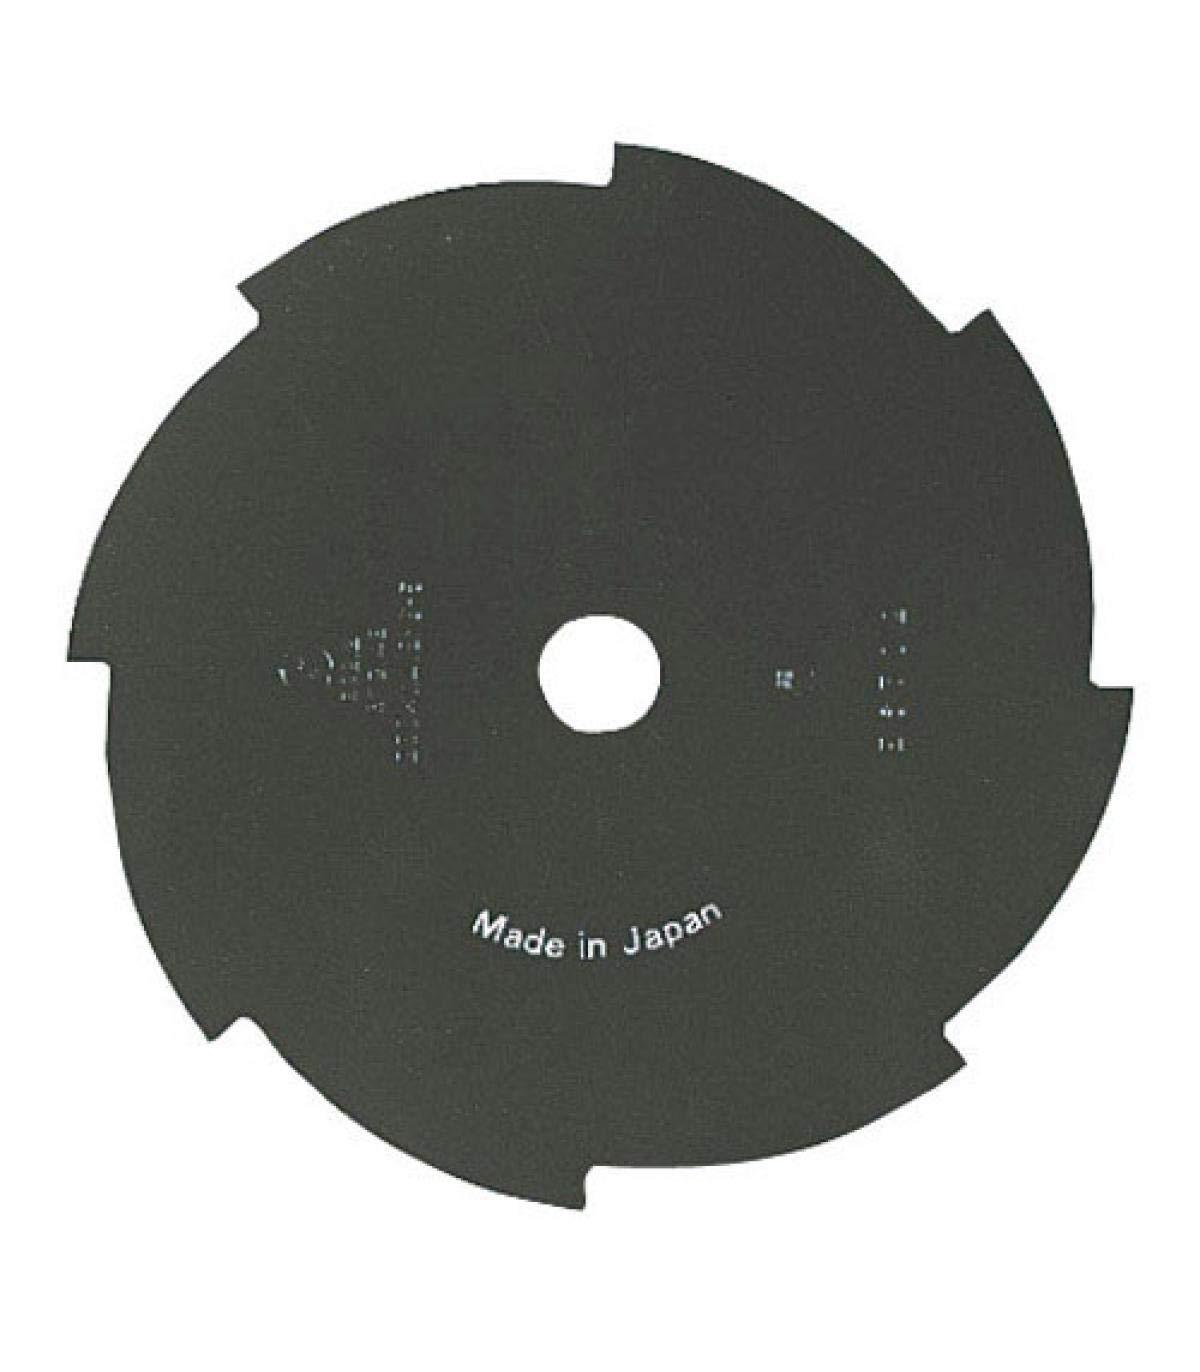 Papillon 8061054 Disco Desbrozador Gasolina Universal 8 Dientes Ø 25 cm